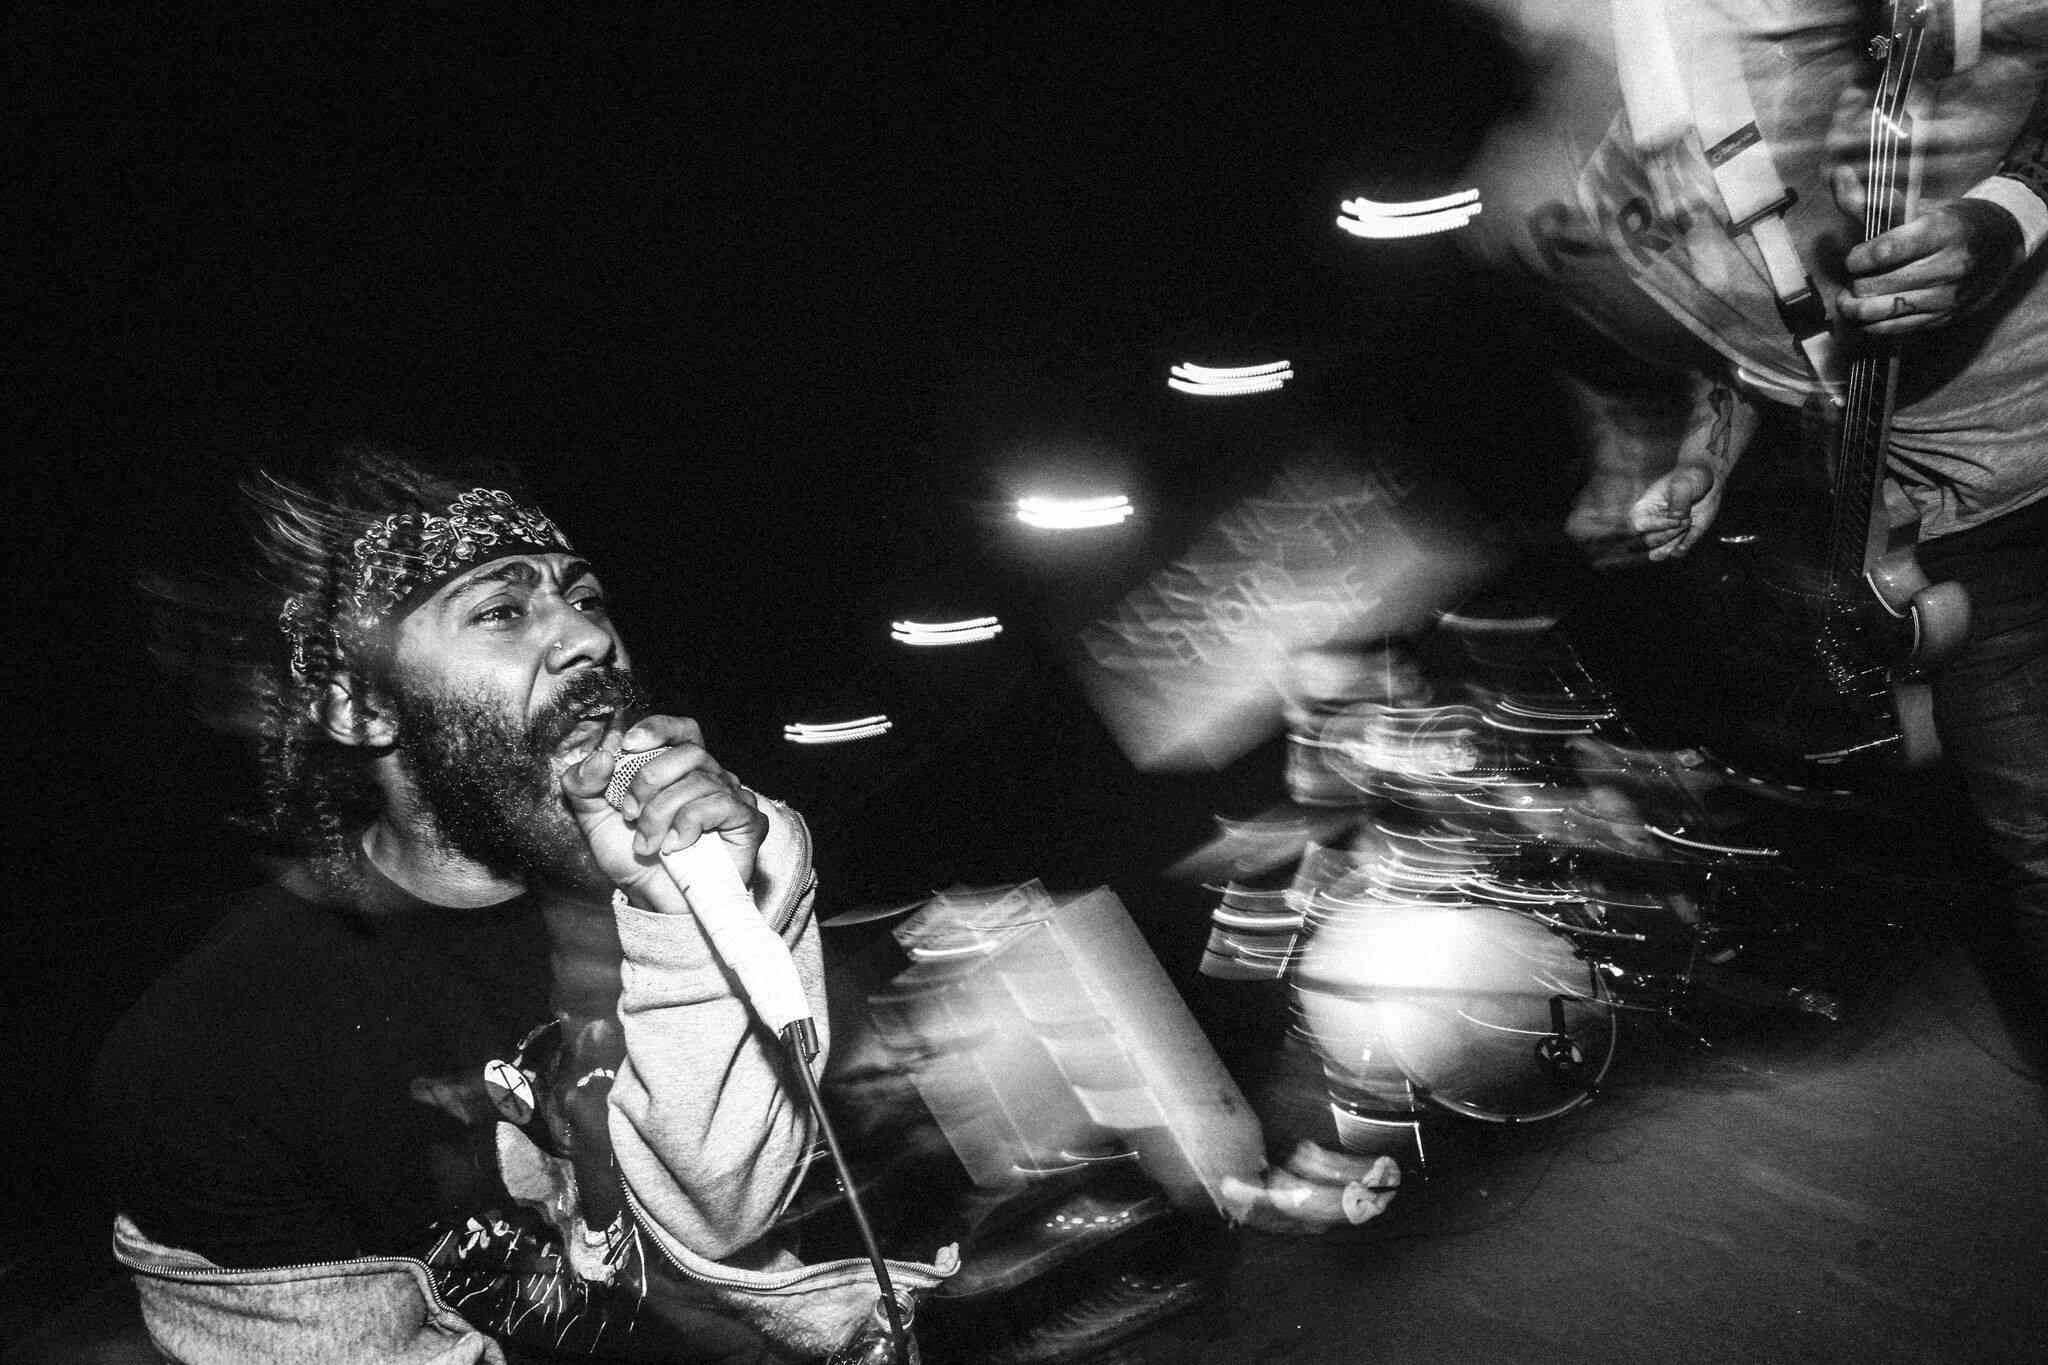 Hip-hop musician Truey V will perform at Dreamland on Dec. 17.